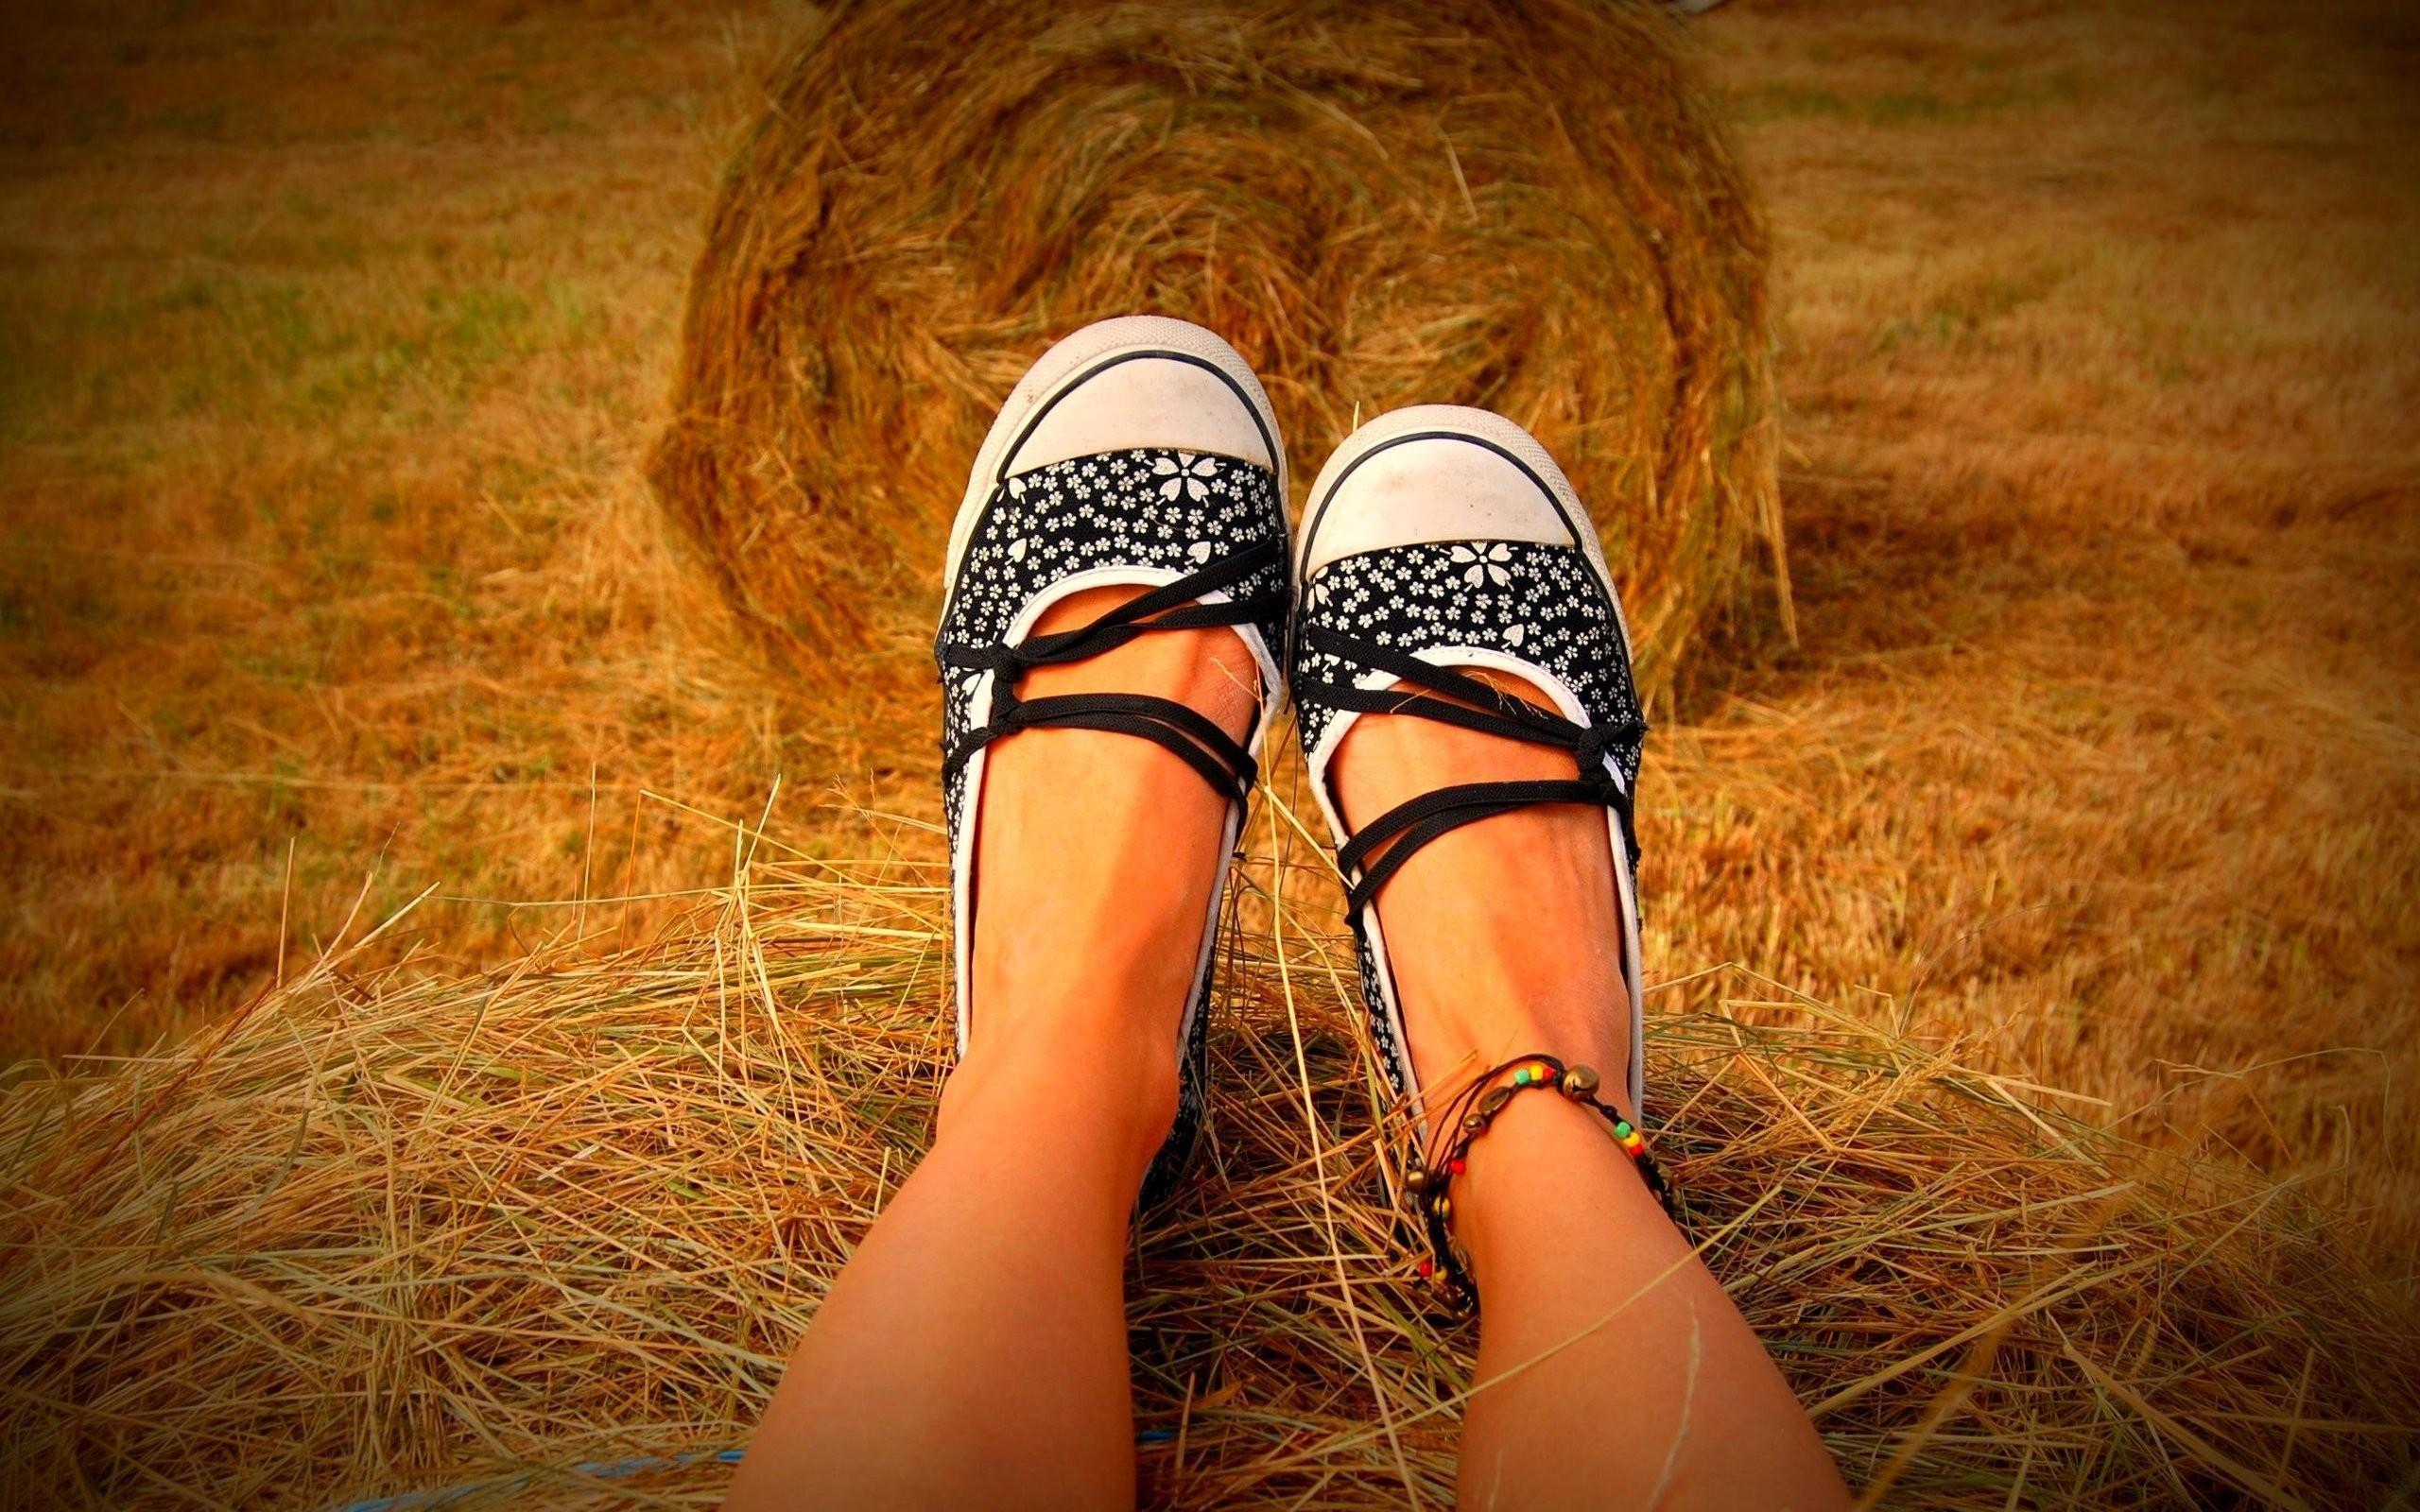 Foto de zapatillas de chicas - 2560x1600